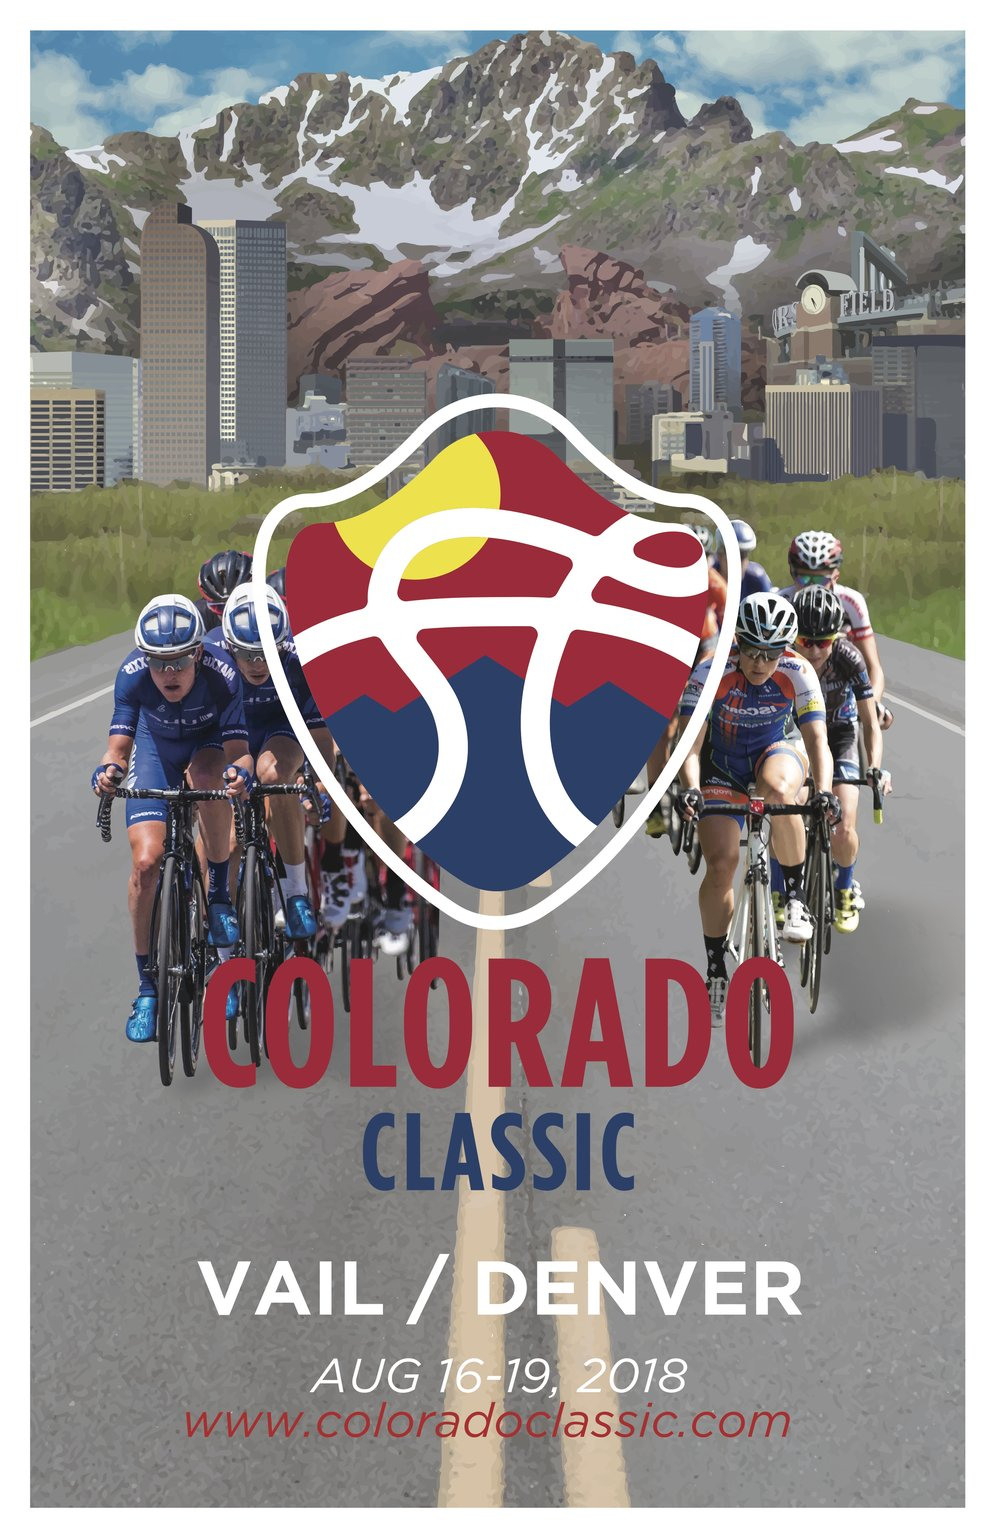 flyer-11inx17in-Colorado-Classic.jpg